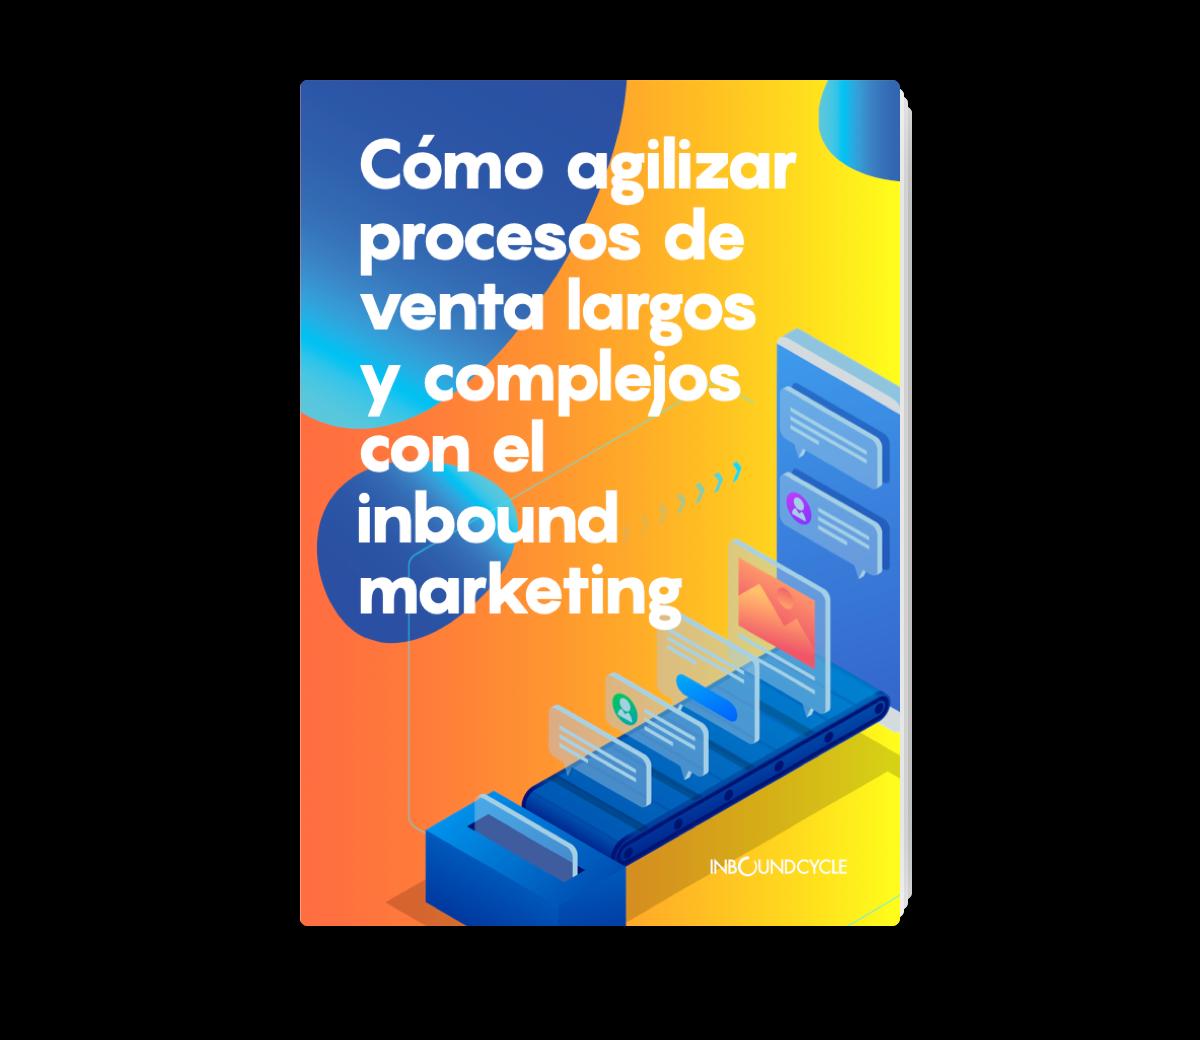 Portada - Email - Cómo agilizar procesos de venta largos y complejos con el inbound marketing -1